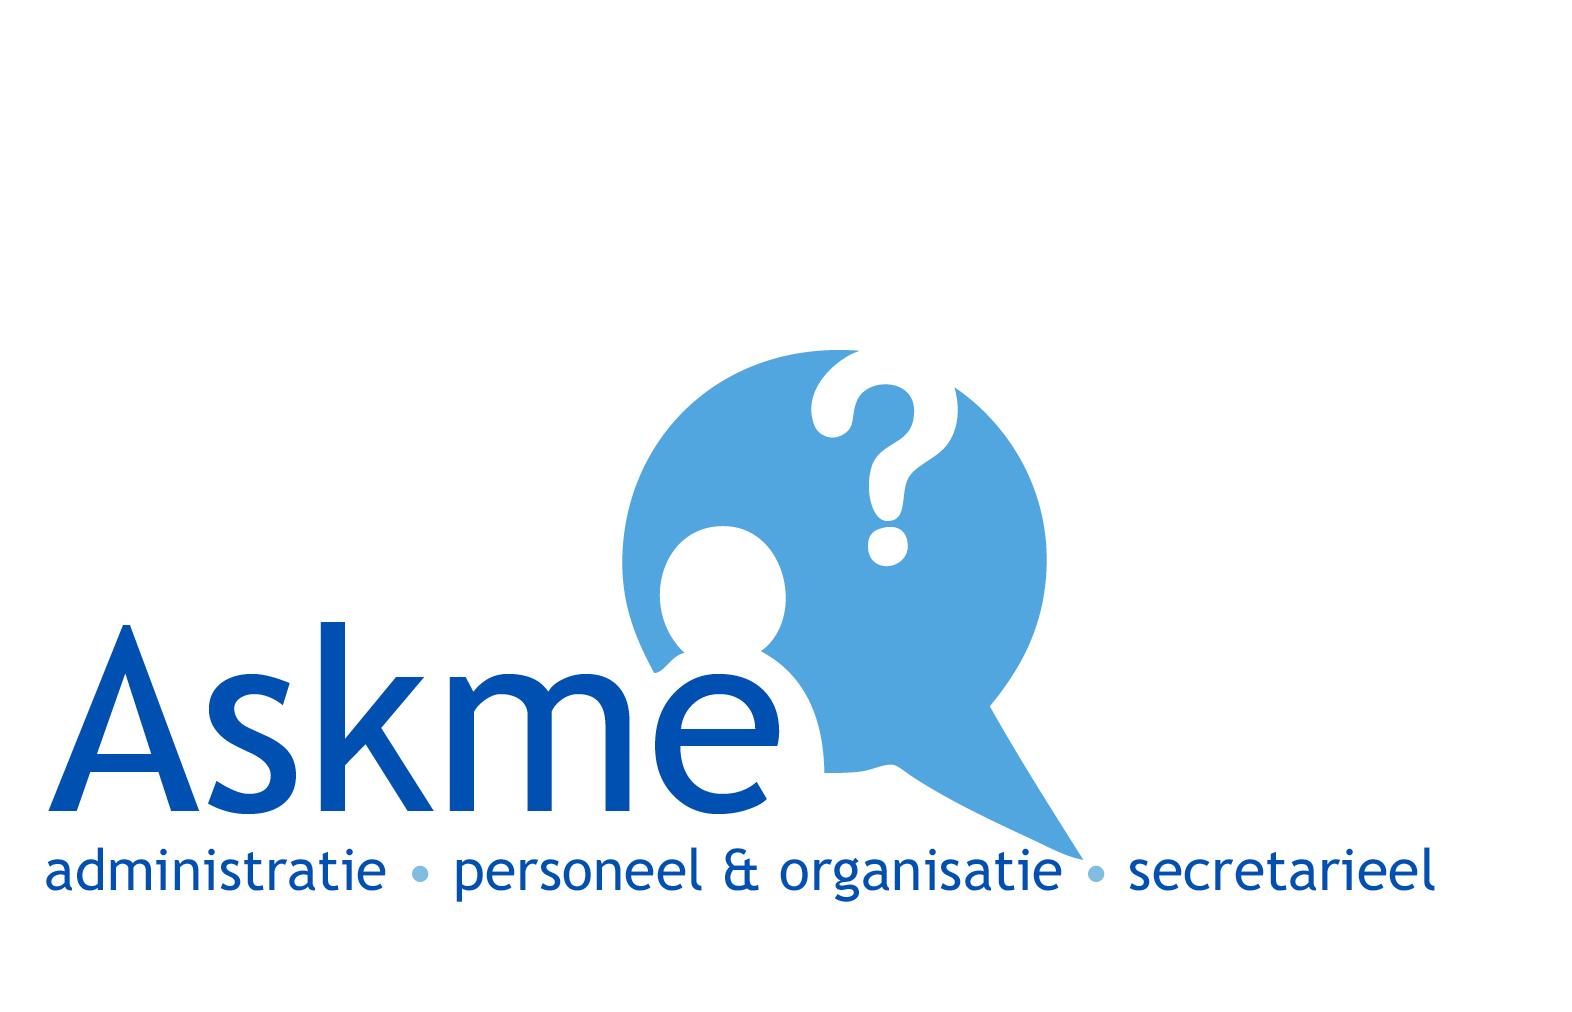 Askme, Jacqueline Zwijnen, administratie, personeel en organisatie, secretaresse, agenda, management assistent, complexiteit